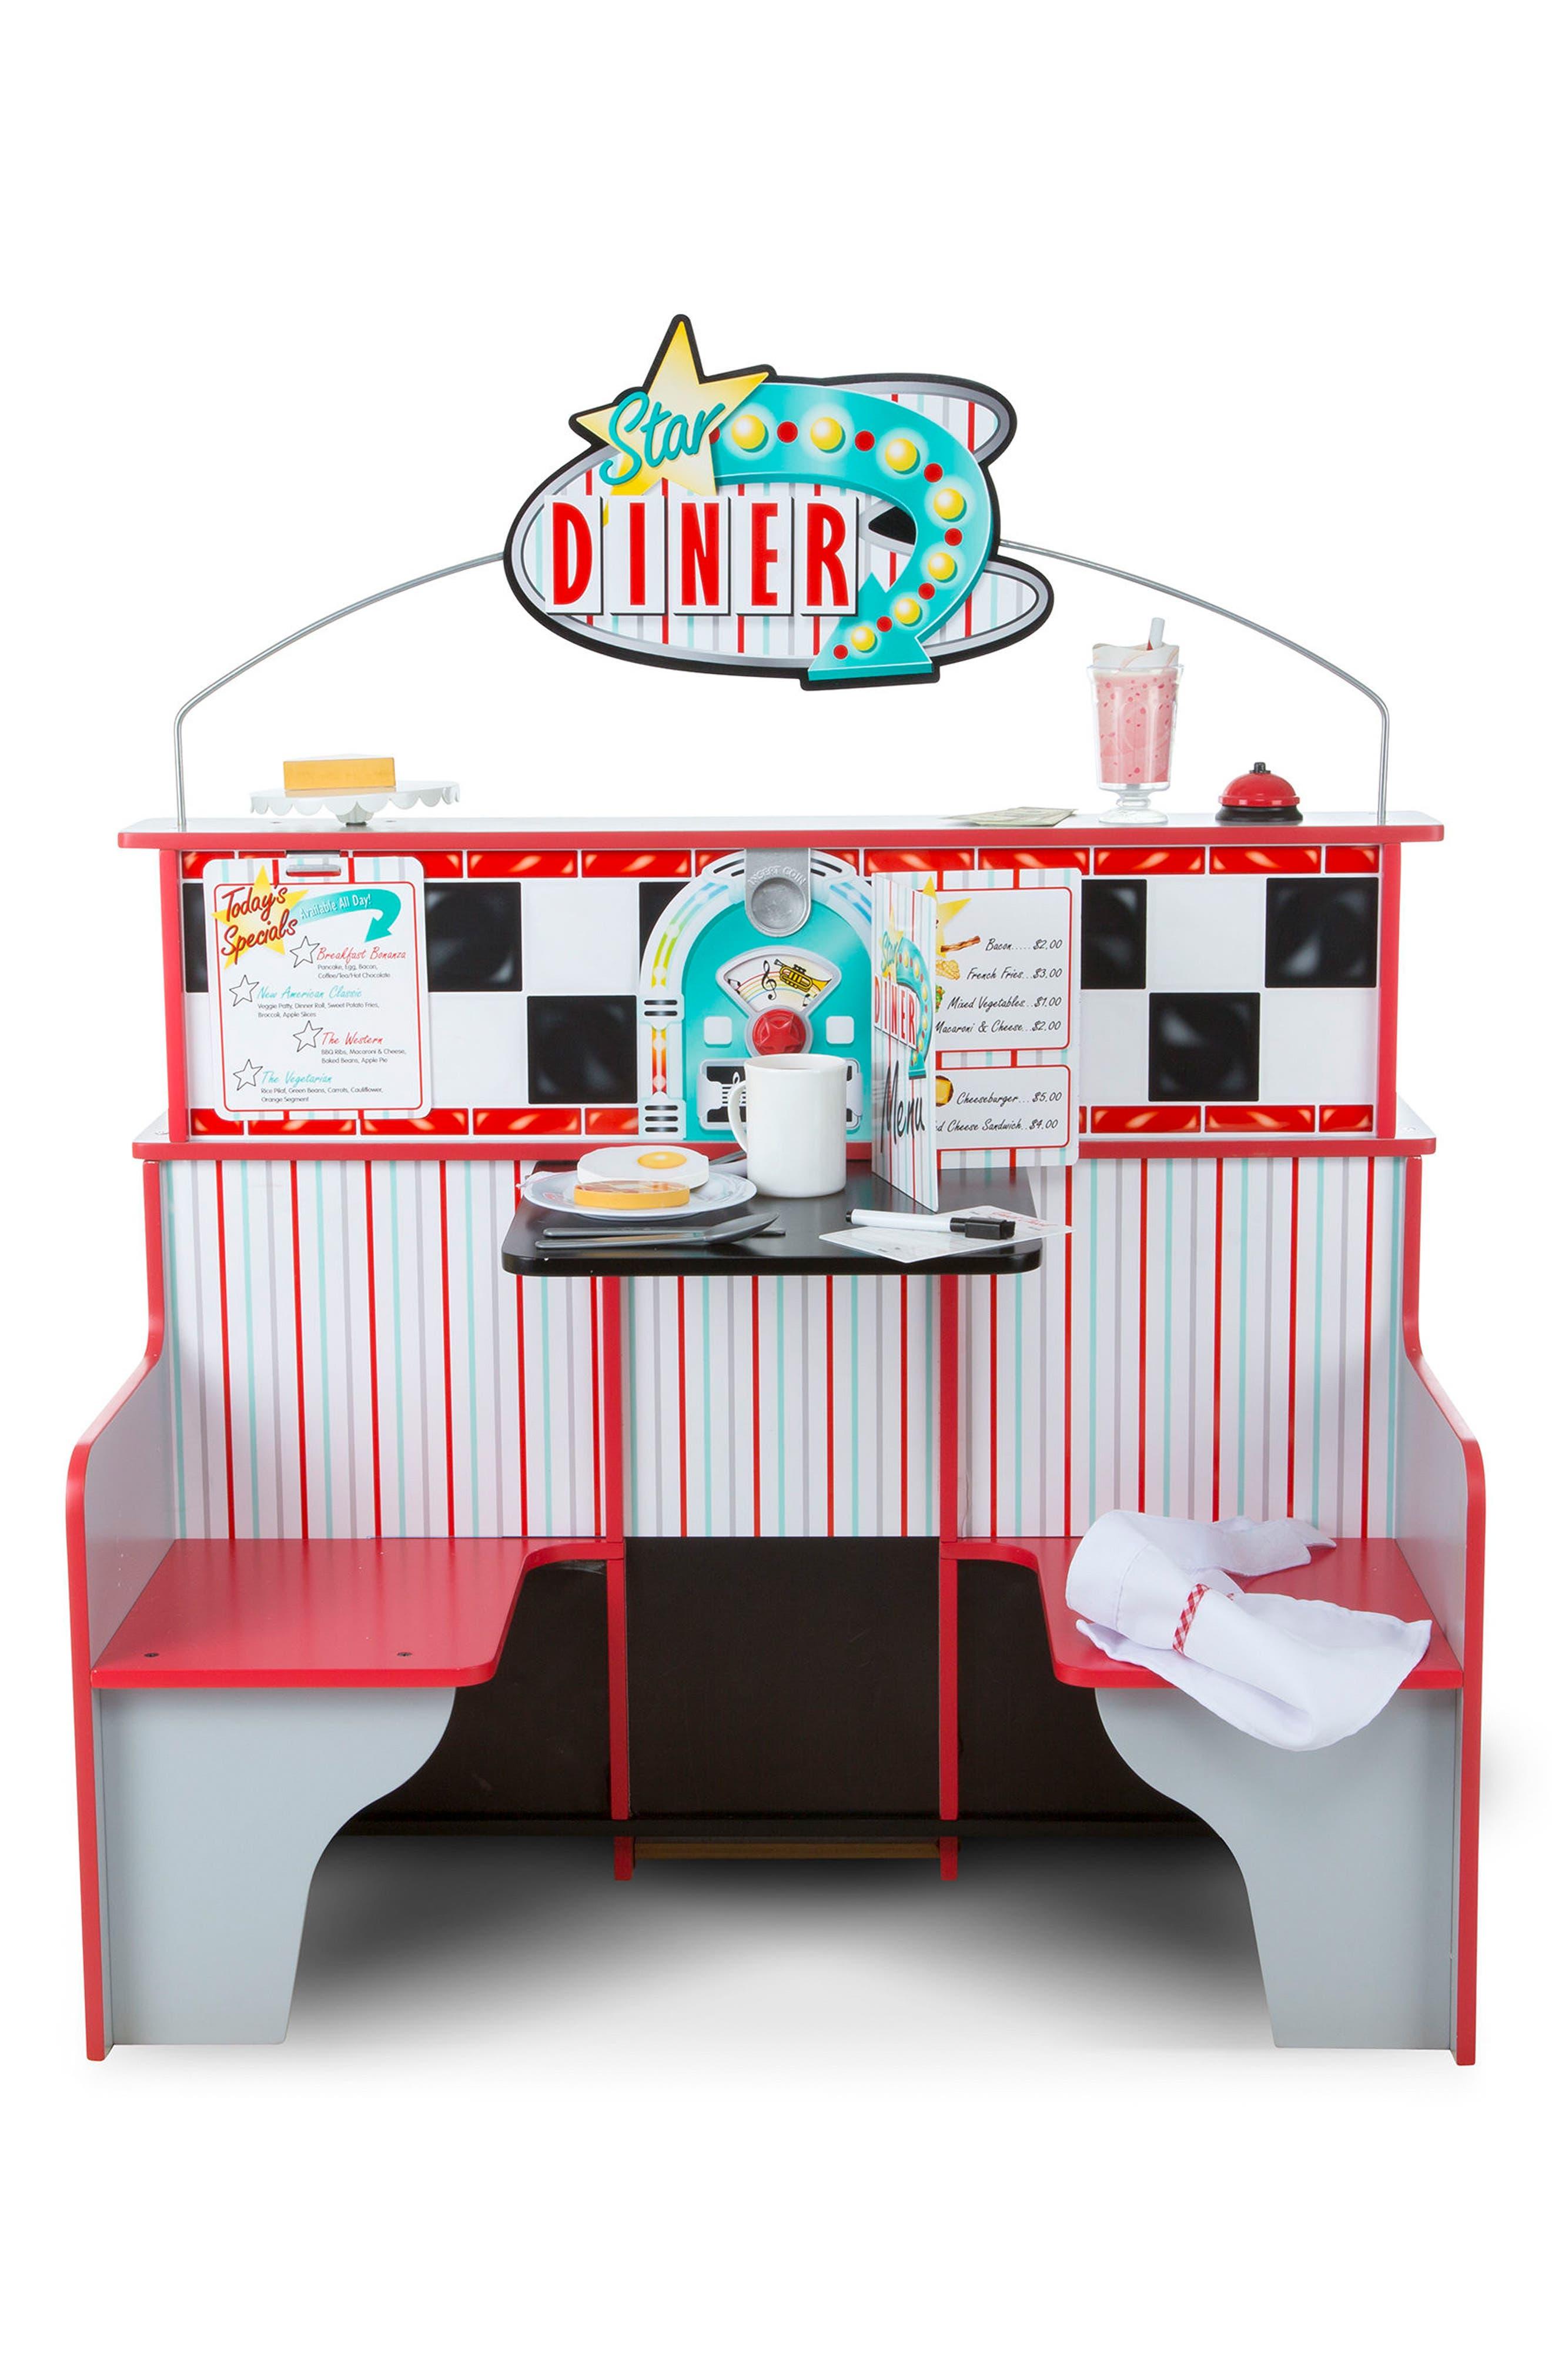 Melissa & Doug Star Diner Play Scene